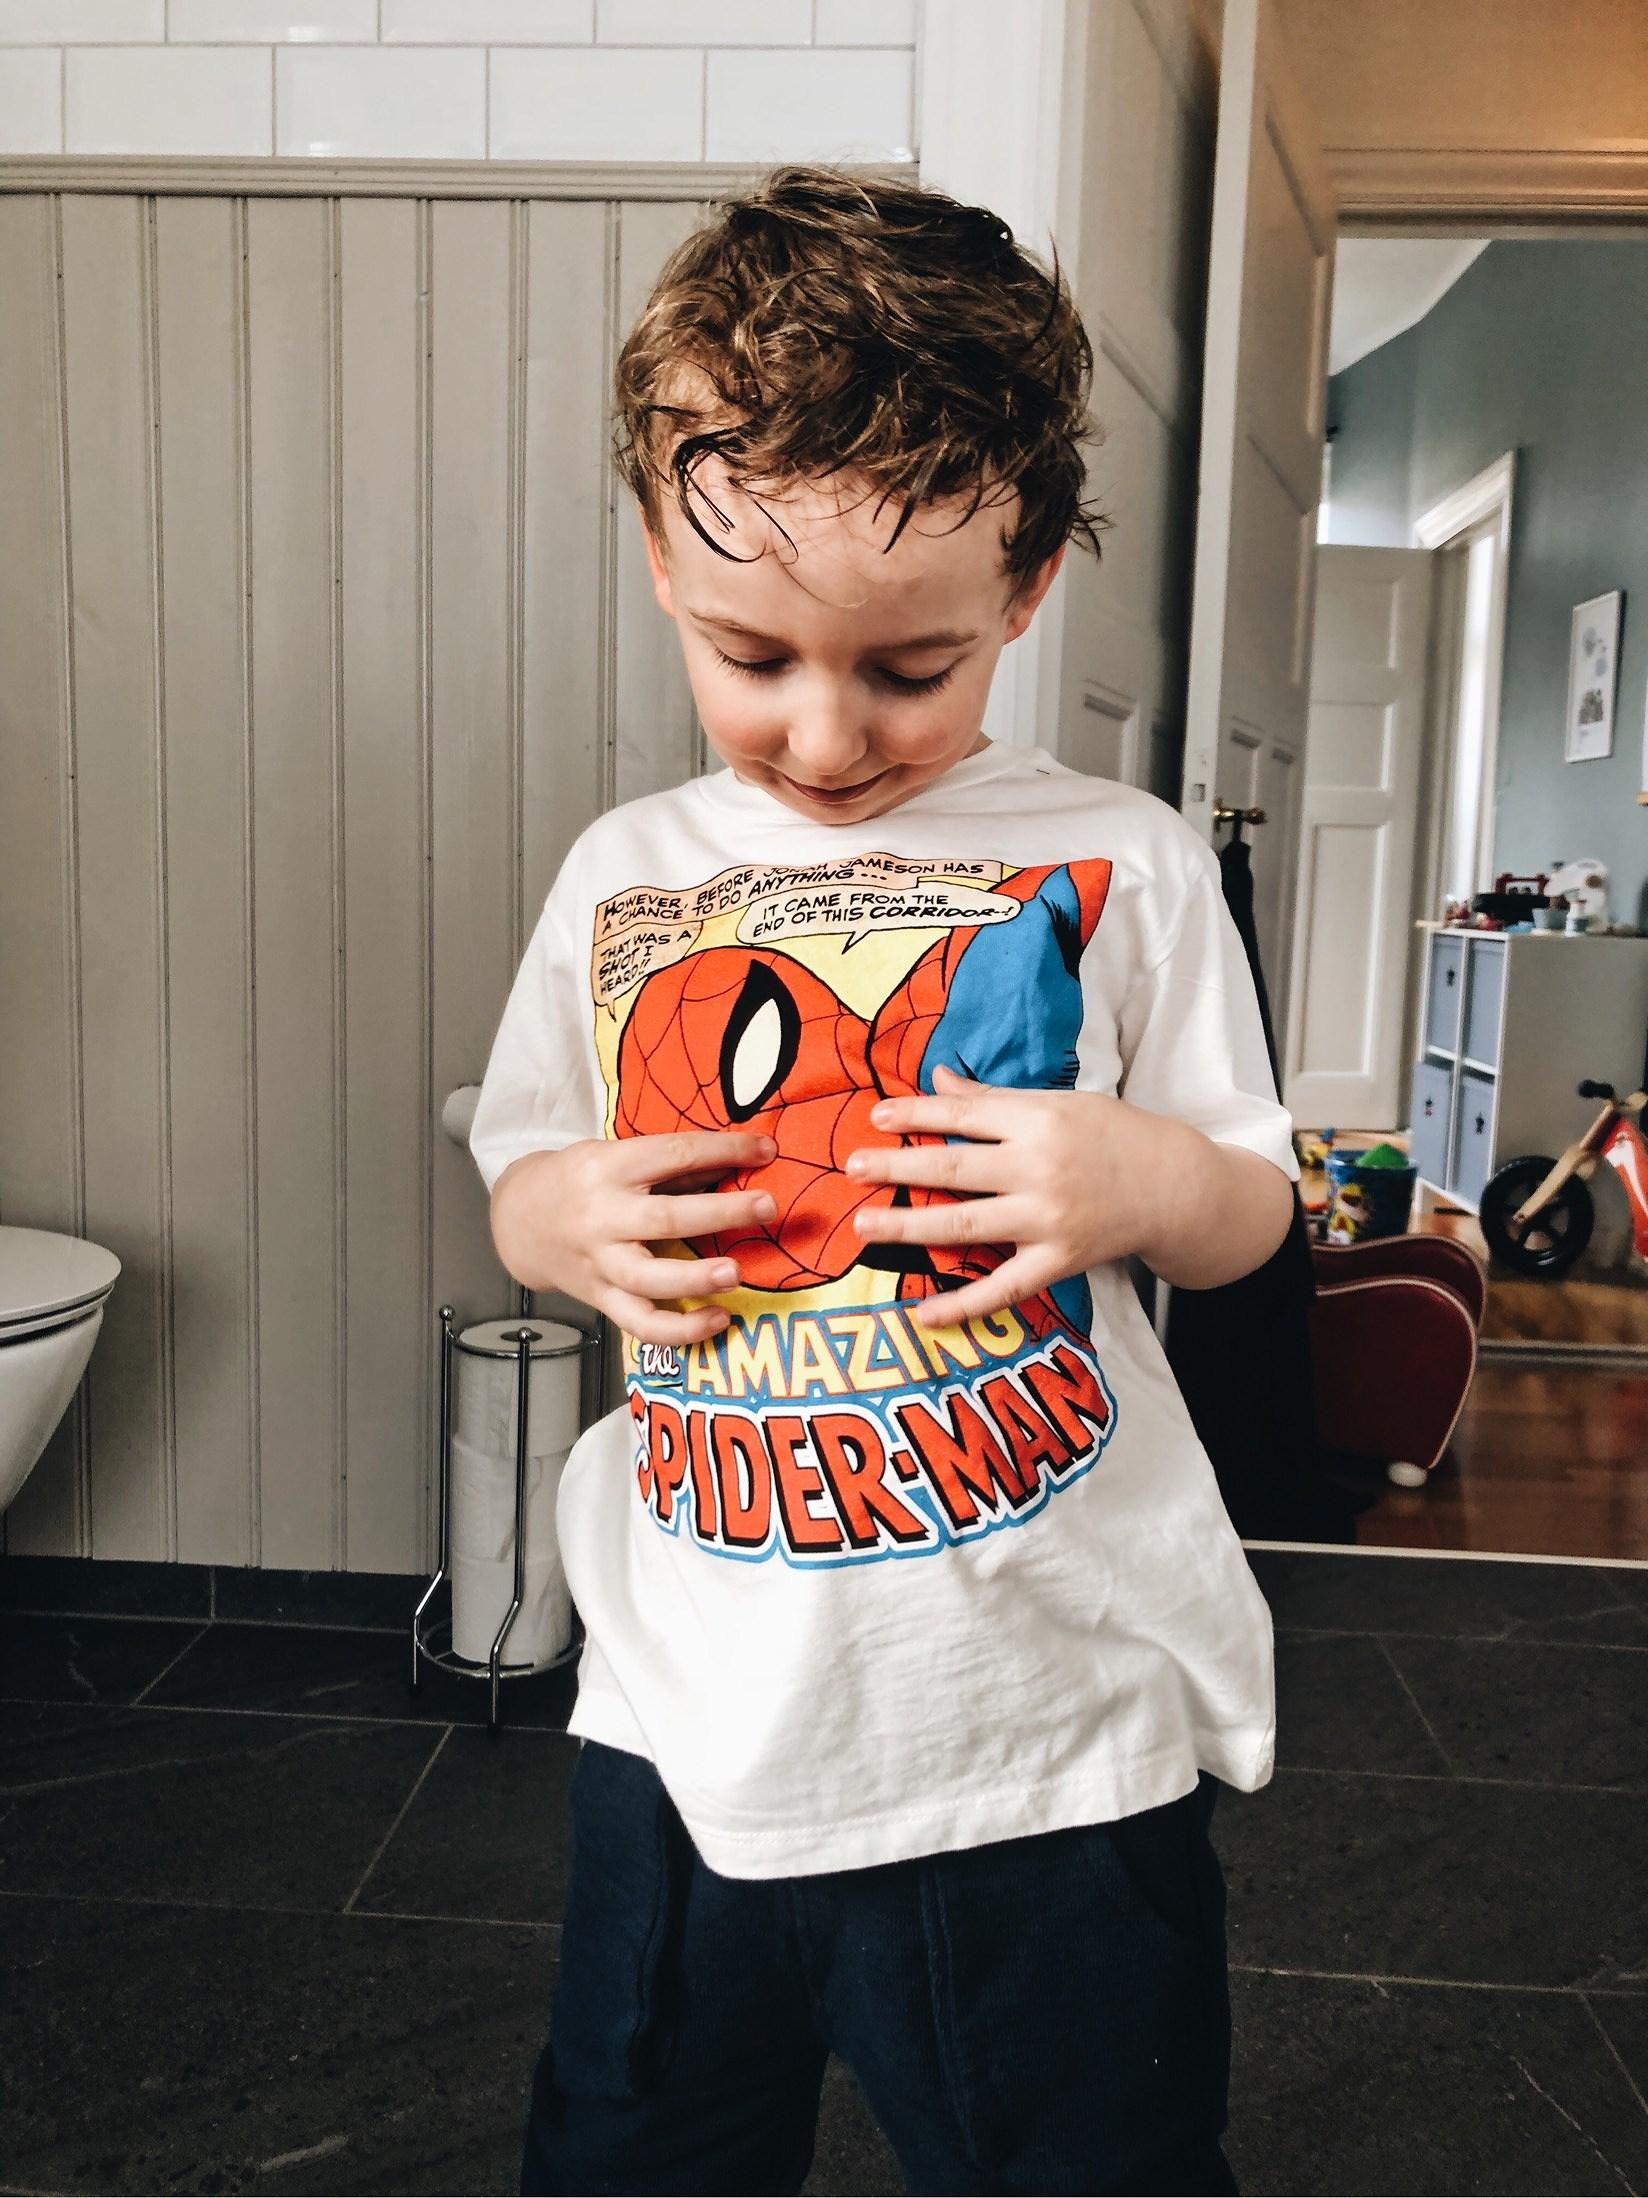 Extrem påfyllning av barnens garderober